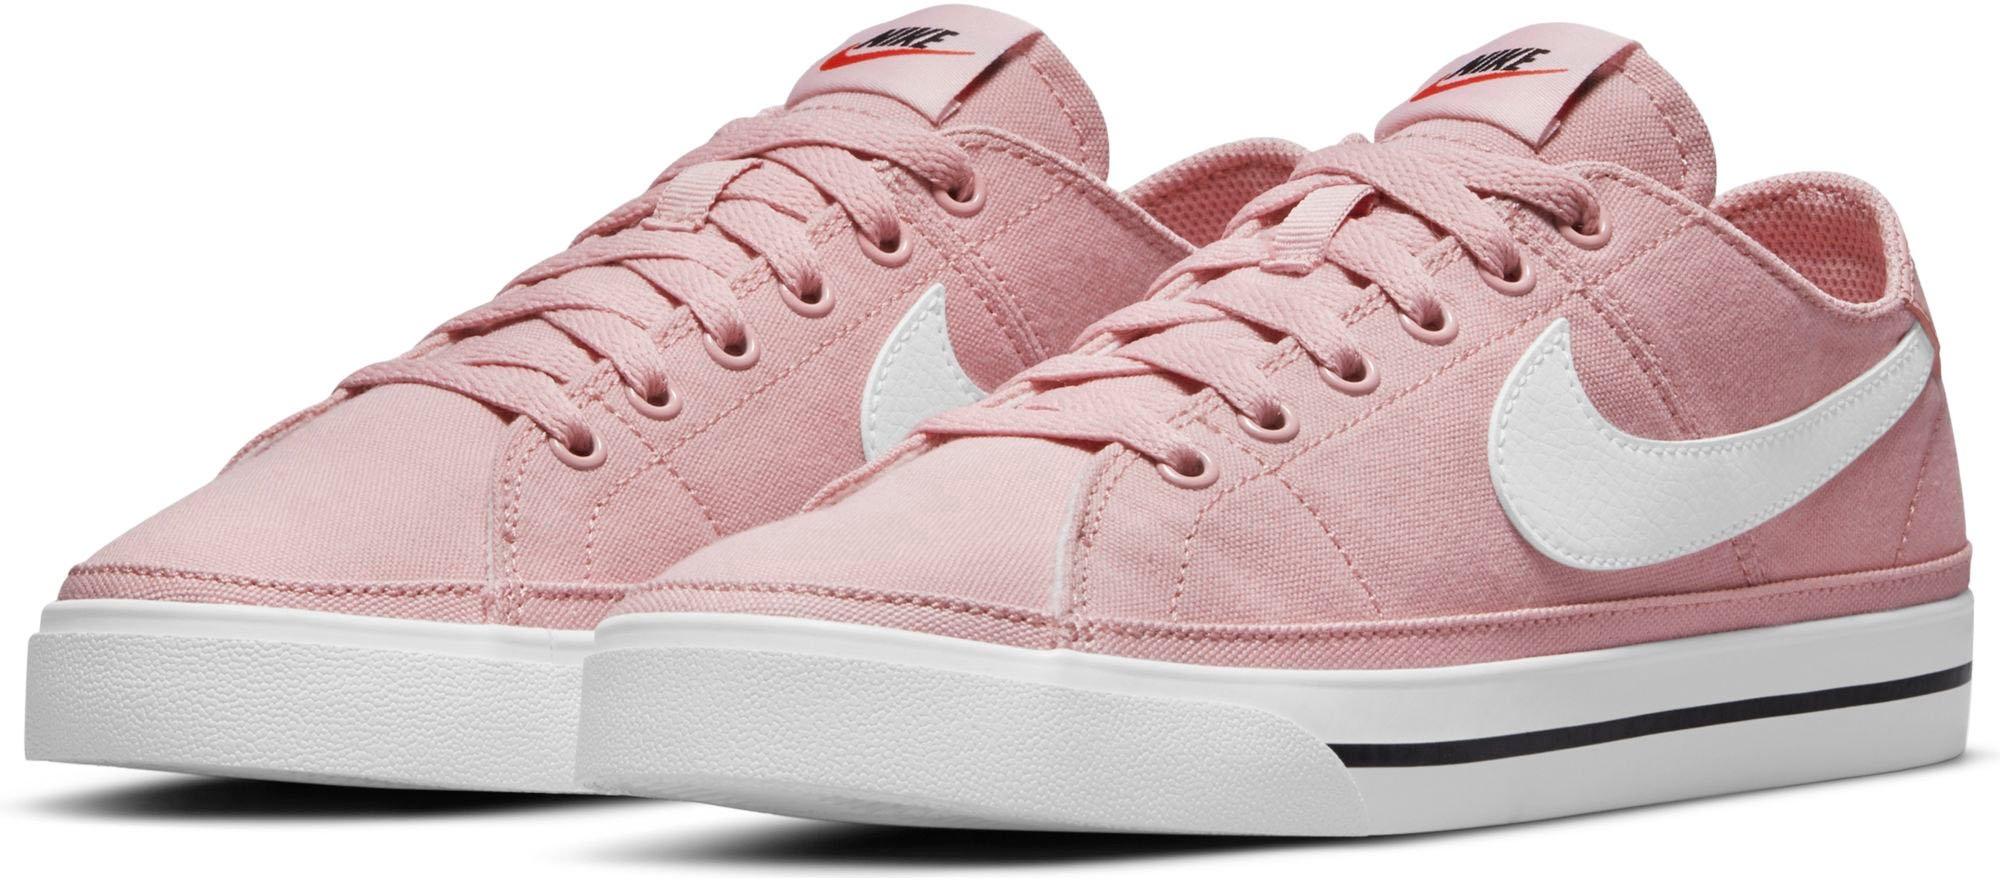 Nike Sportswear sneakers bestellen: 30 dagen bedenktijd